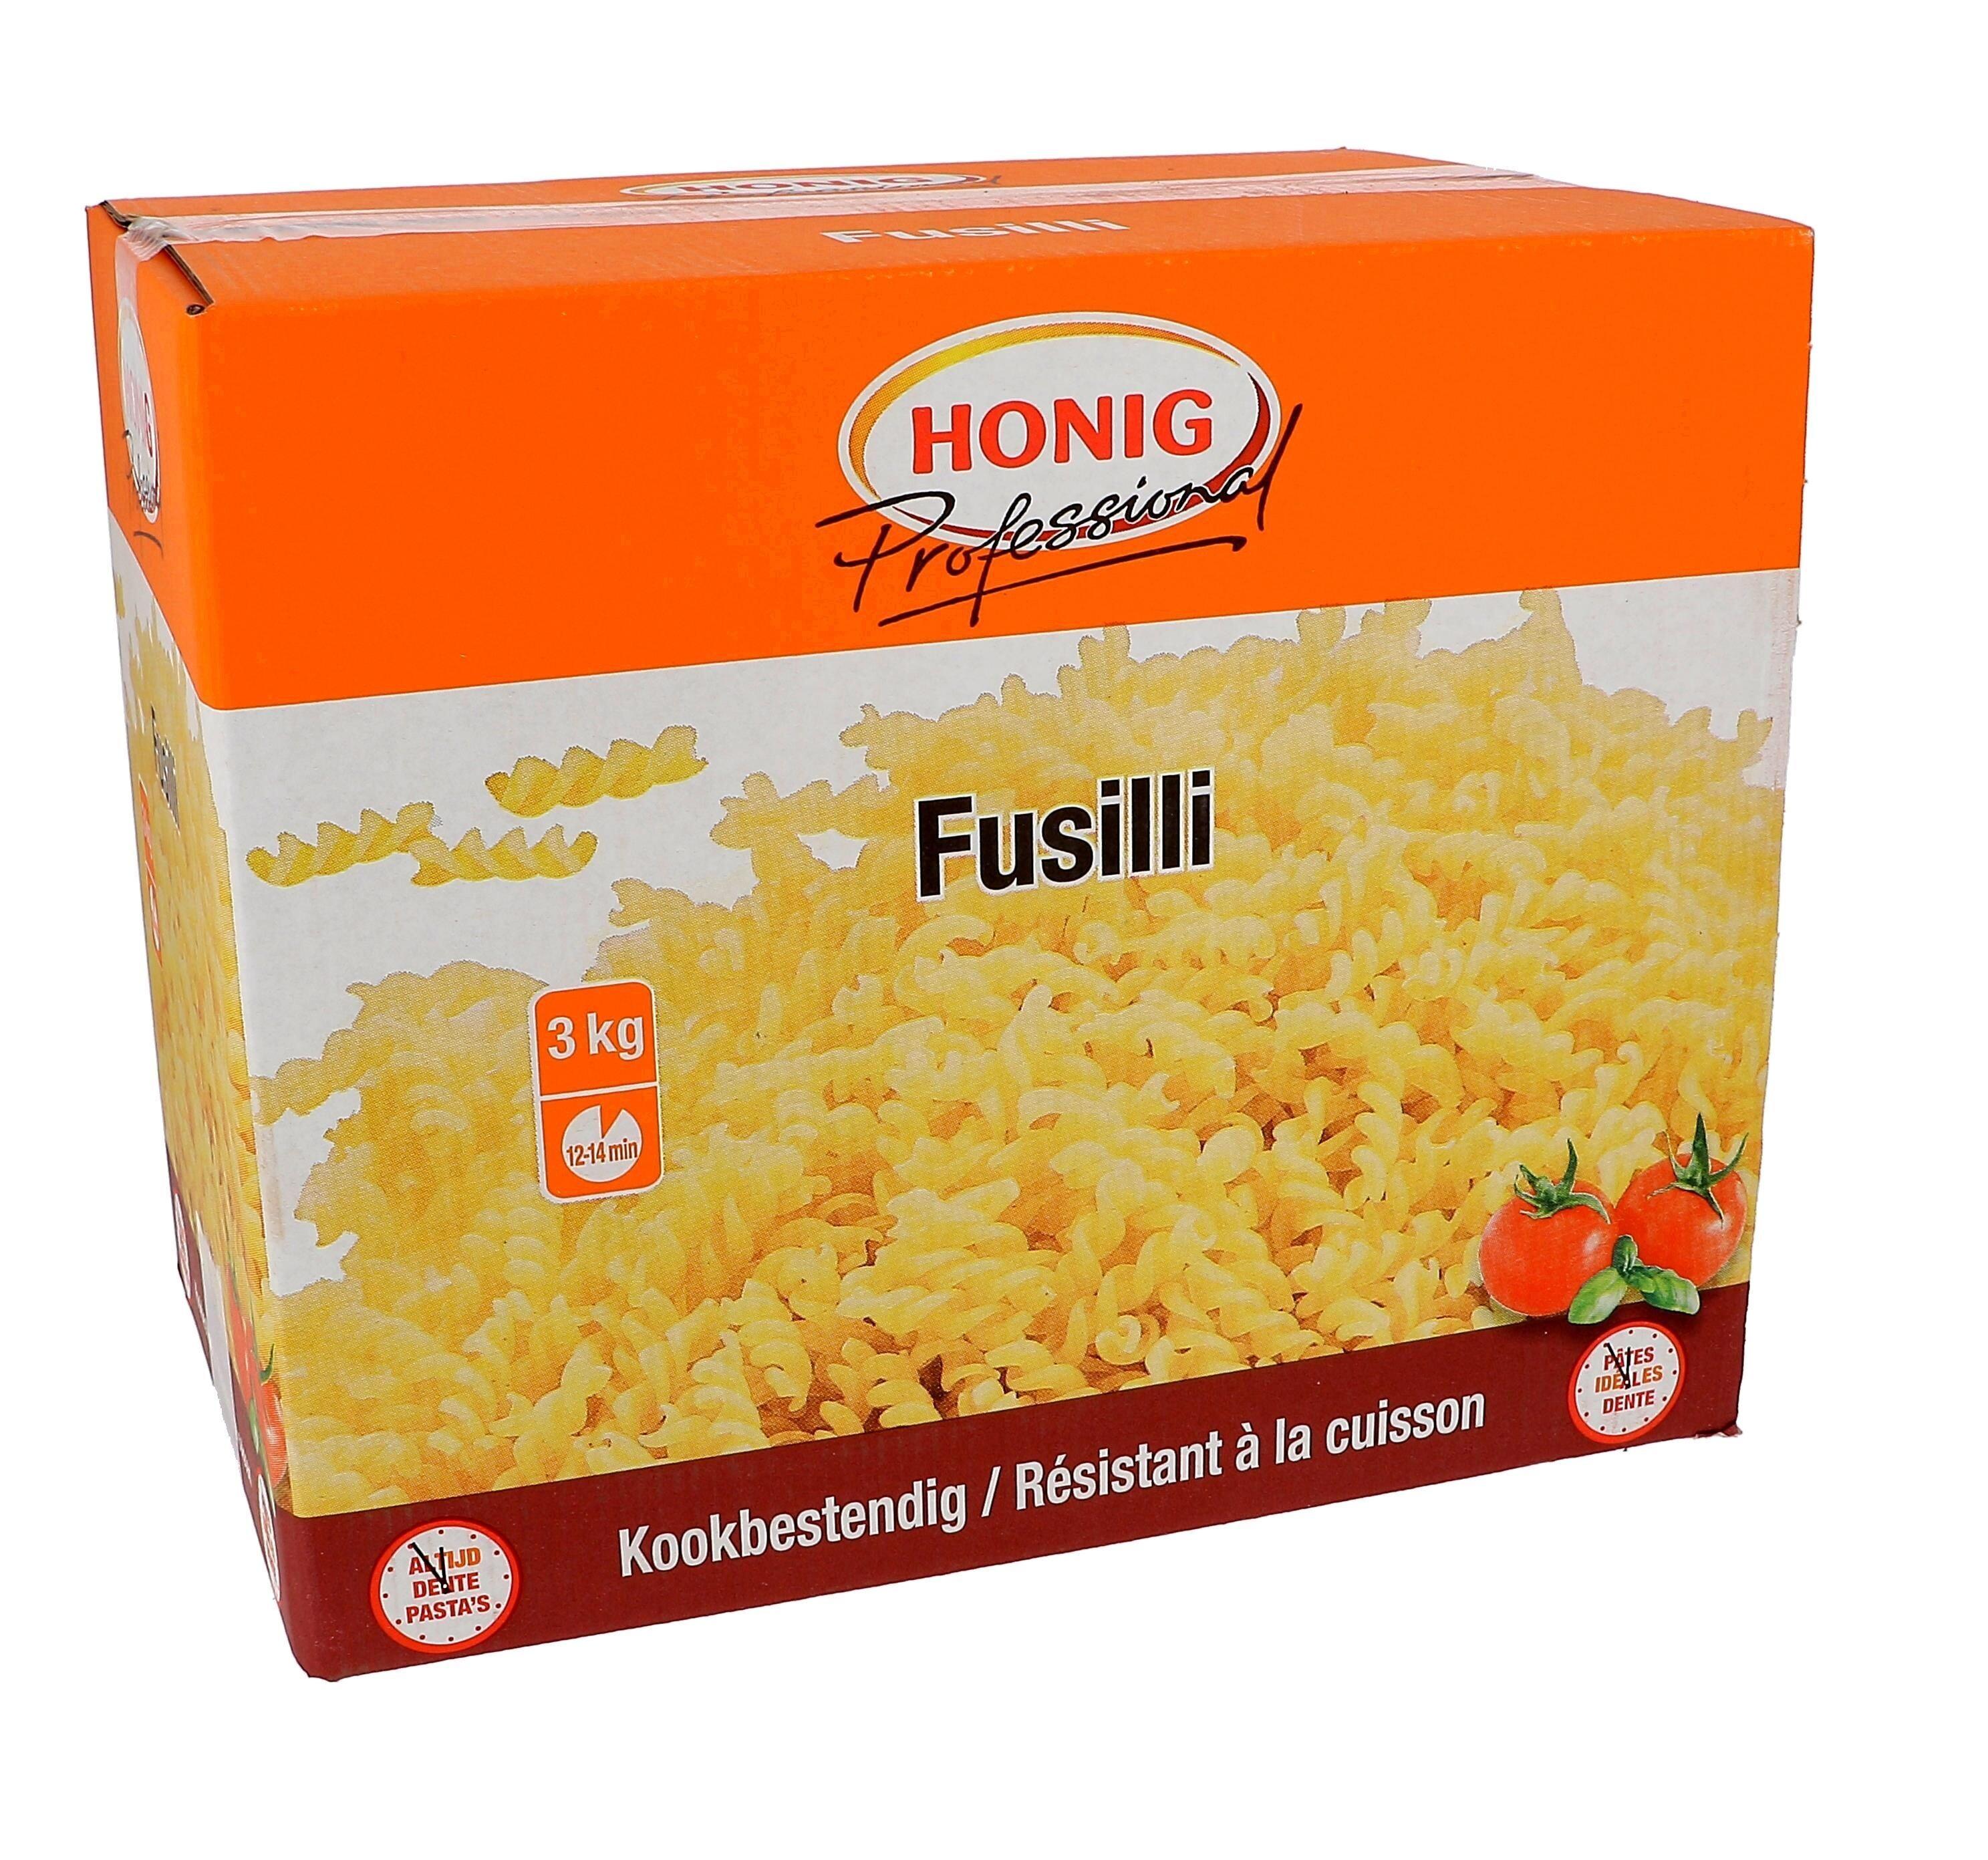 Honig fusilli 3kg Professional pasta